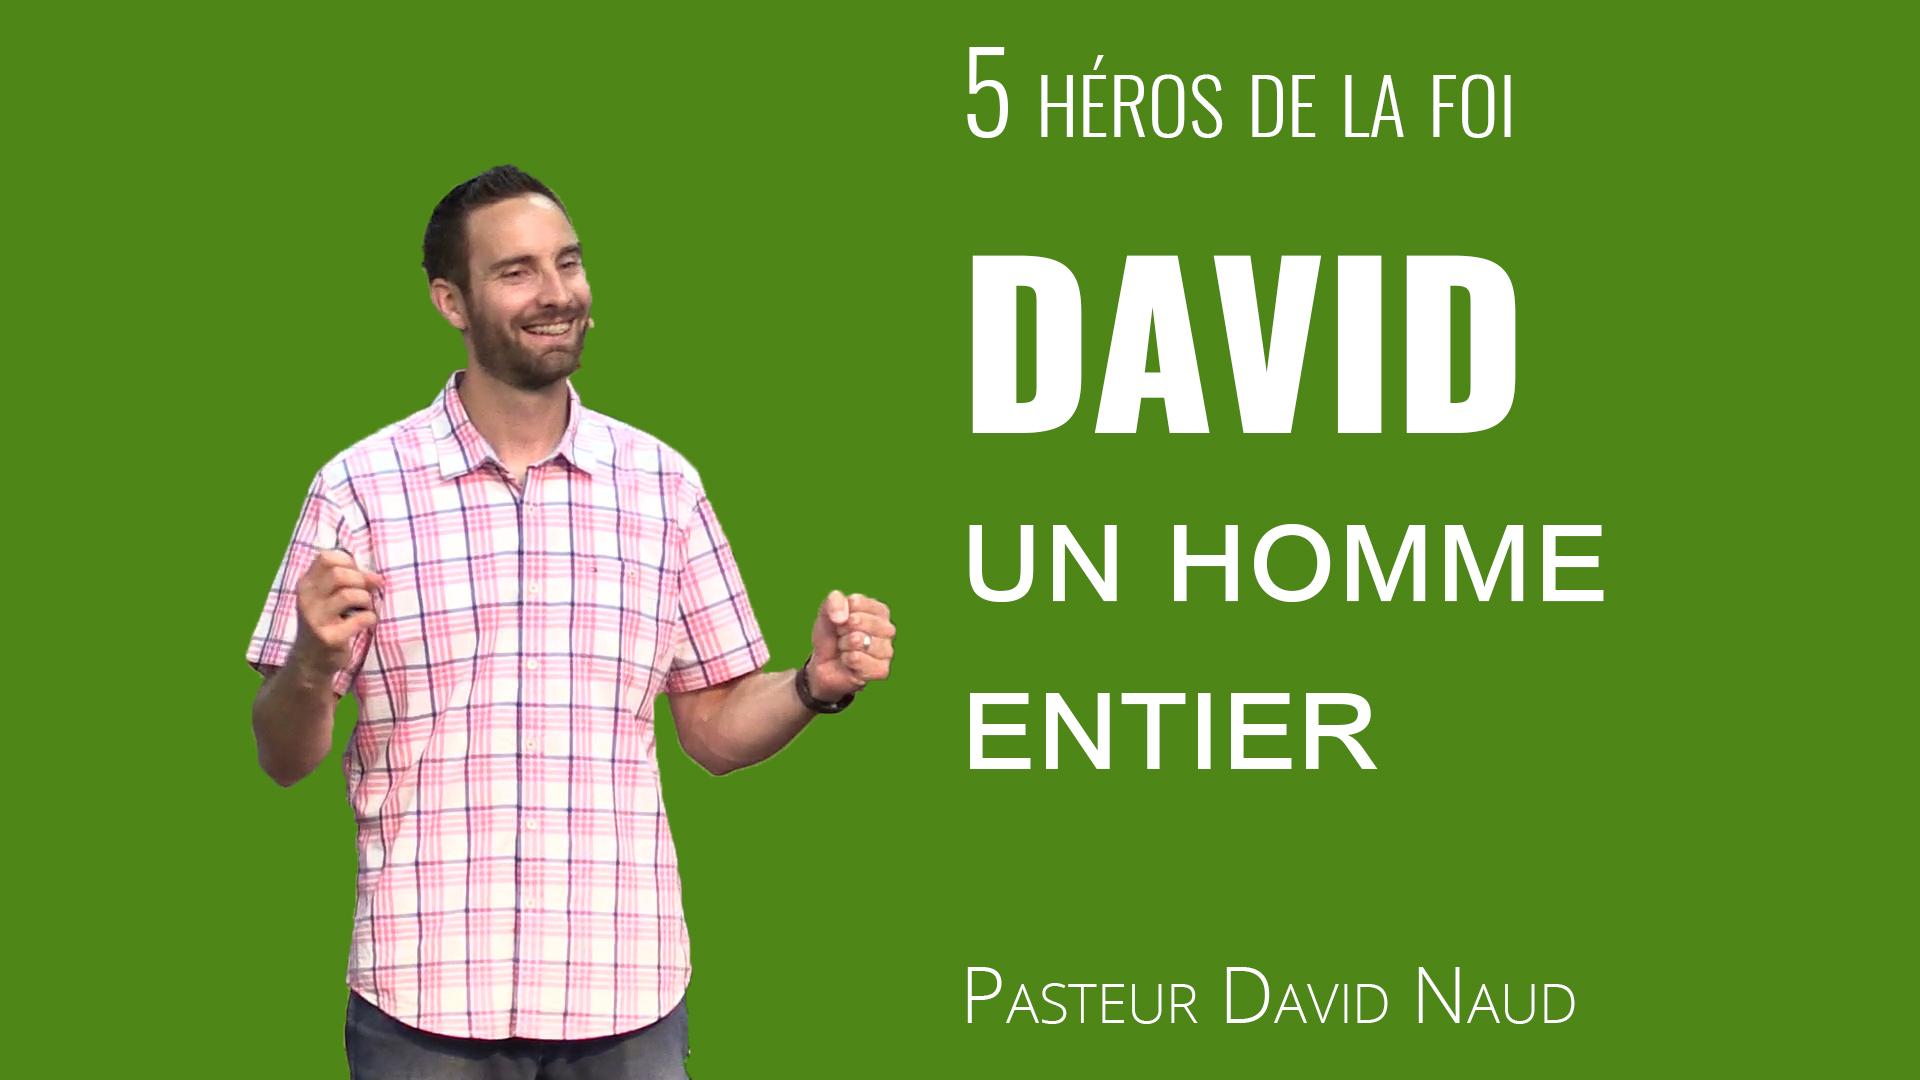 2018-07-22-david-david-un-homme-entier.00_26_06_29.Image fixe001-Récupéré